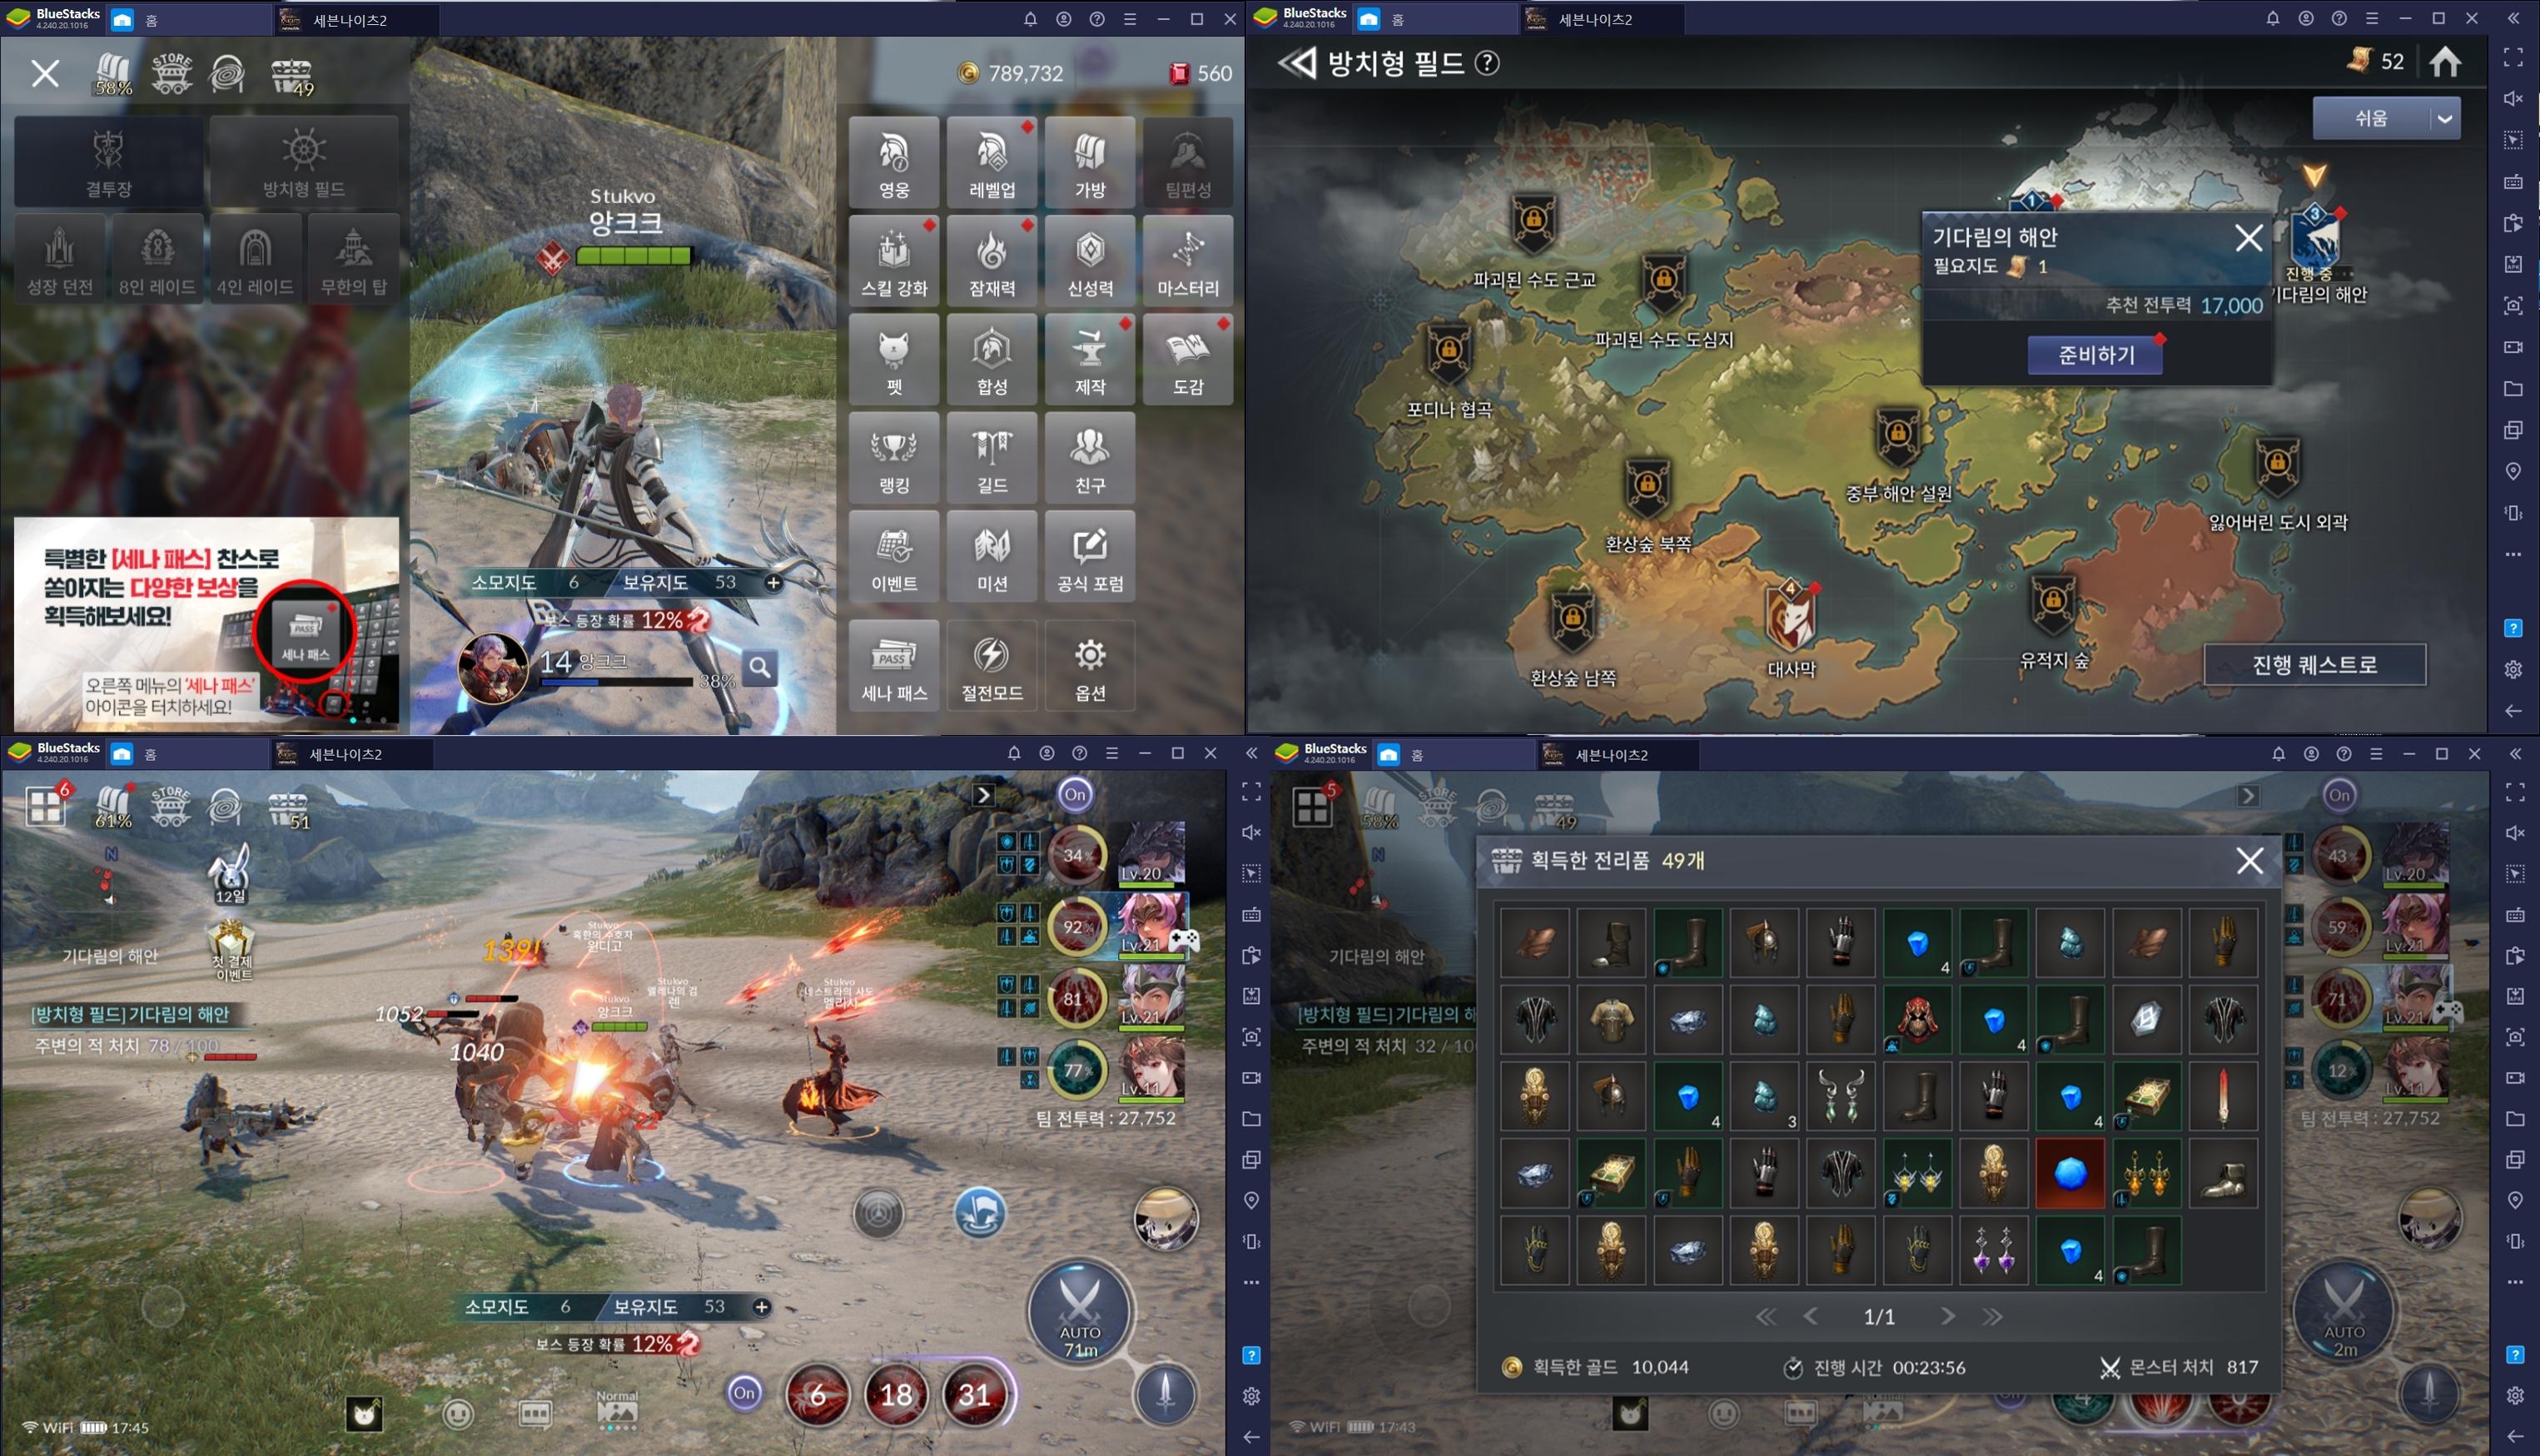 오픈과 함께 순항중인 세븐나이츠2에서 전투력을 올리는 방법, PC에서 훨씬 간편하게 진행해봅시다